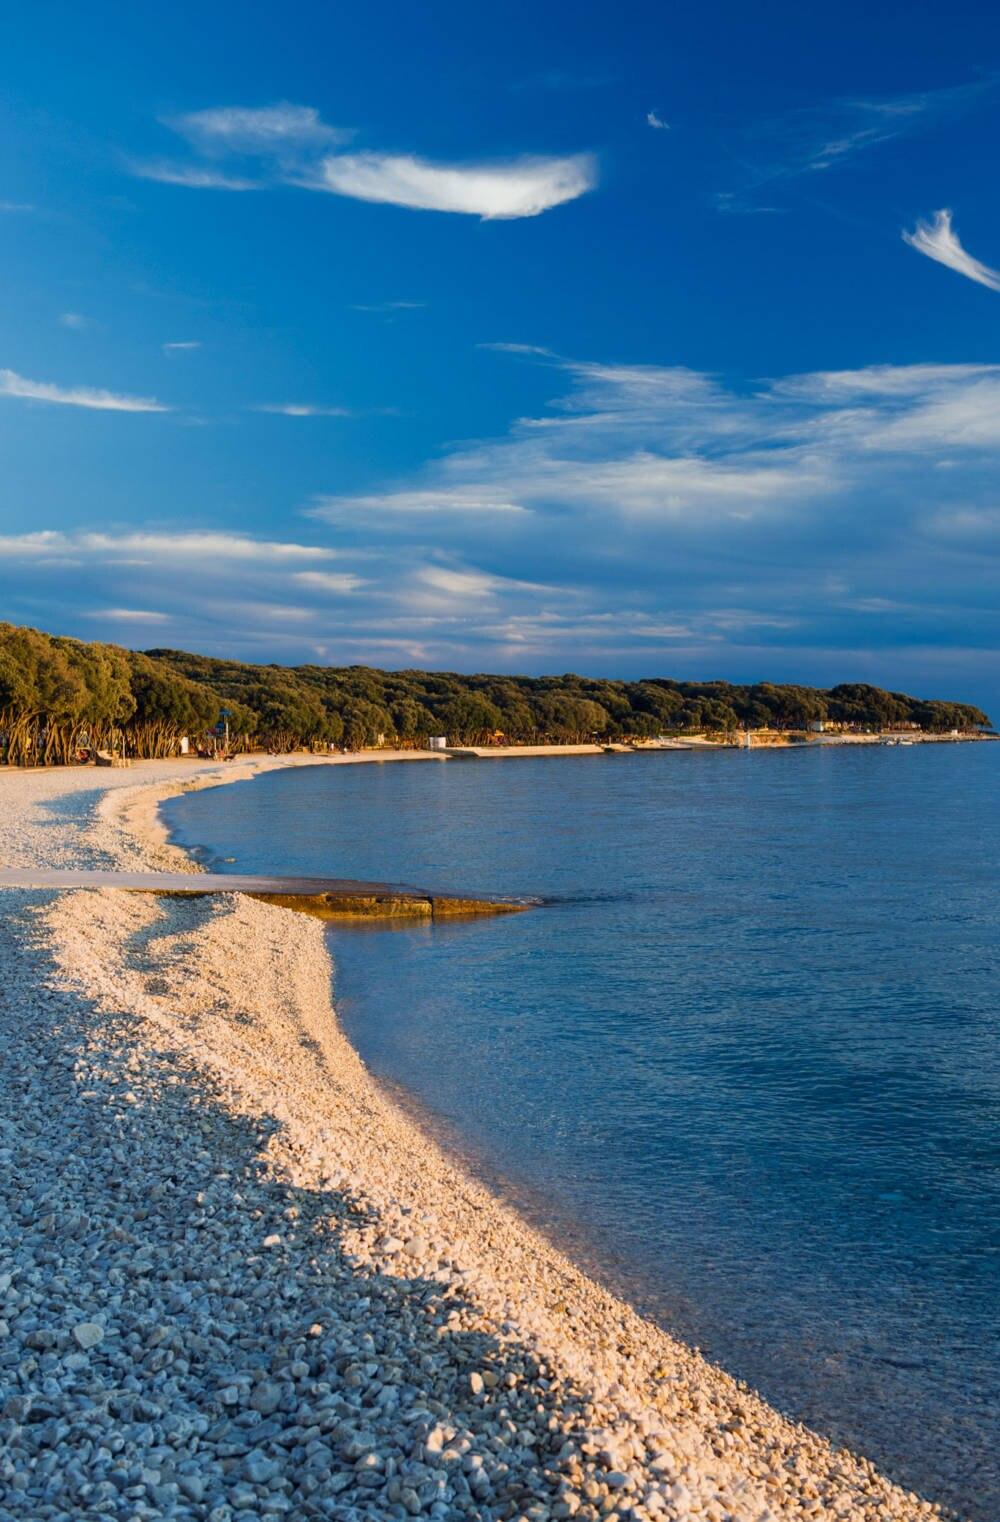 Einer der Strände auf der Insel Pag, Kroatien